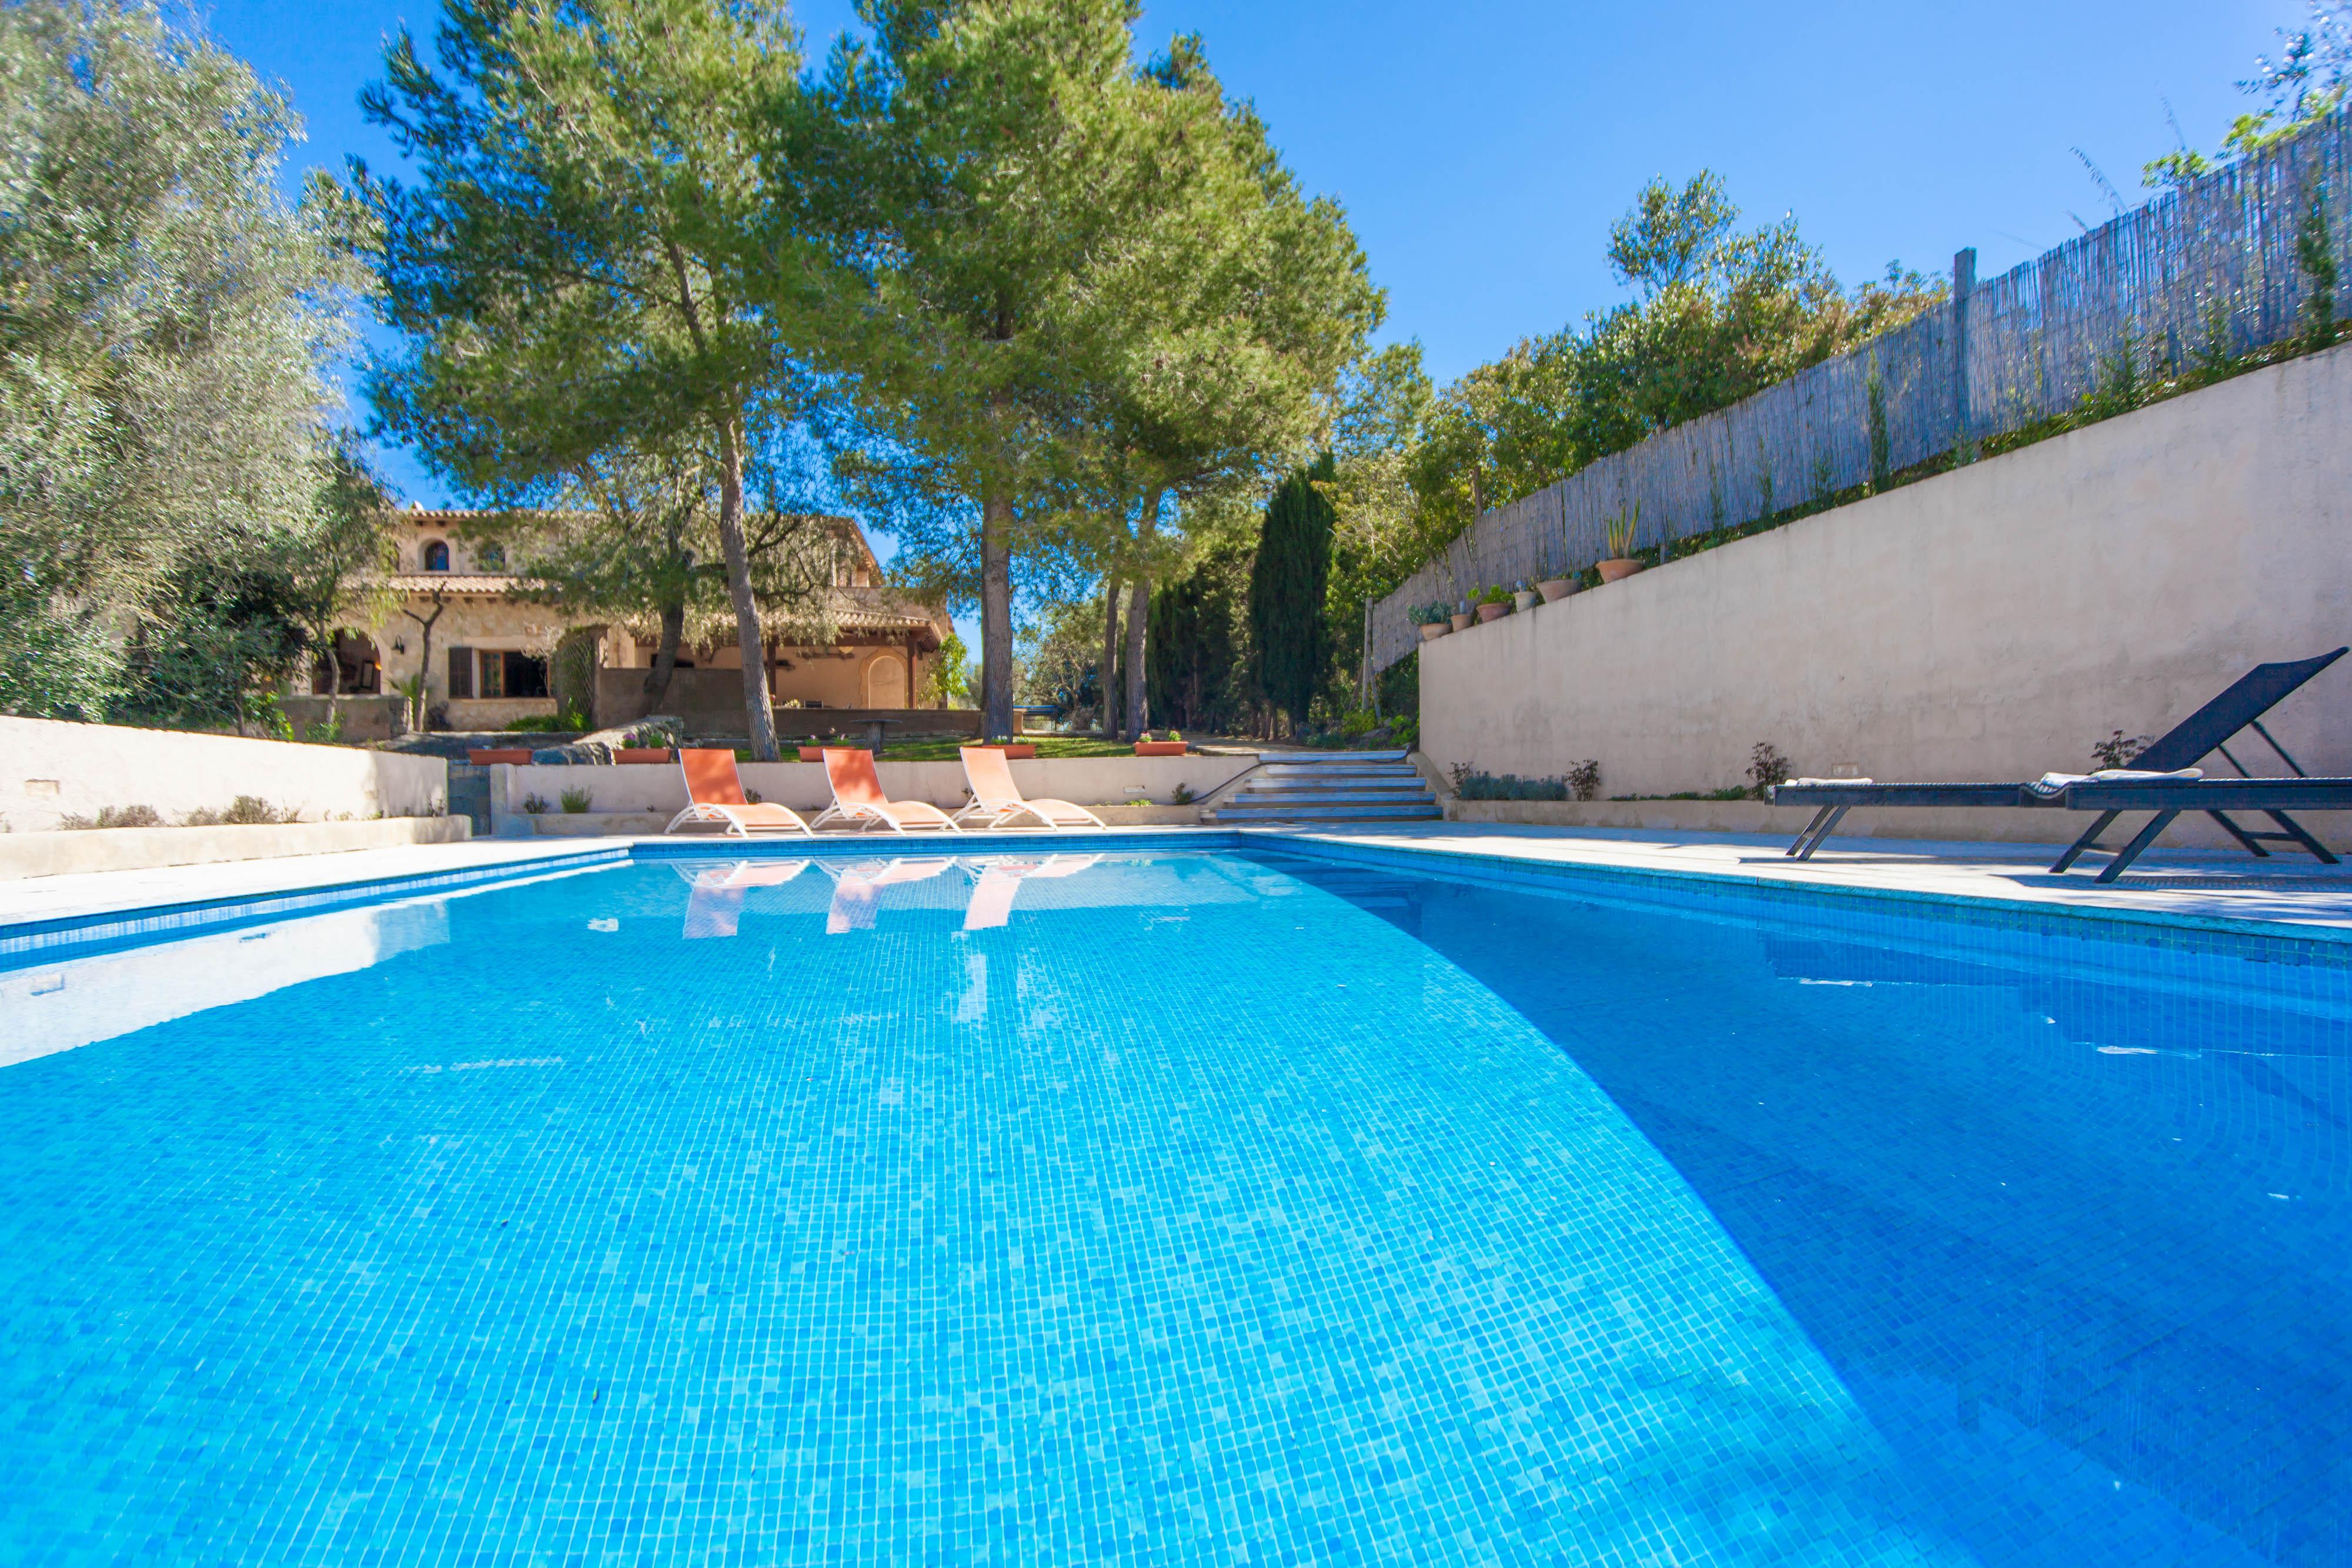 Ferienhaus SOS MONJOS (2177982), Arta, Mallorca, Balearische Inseln, Spanien, Bild 33